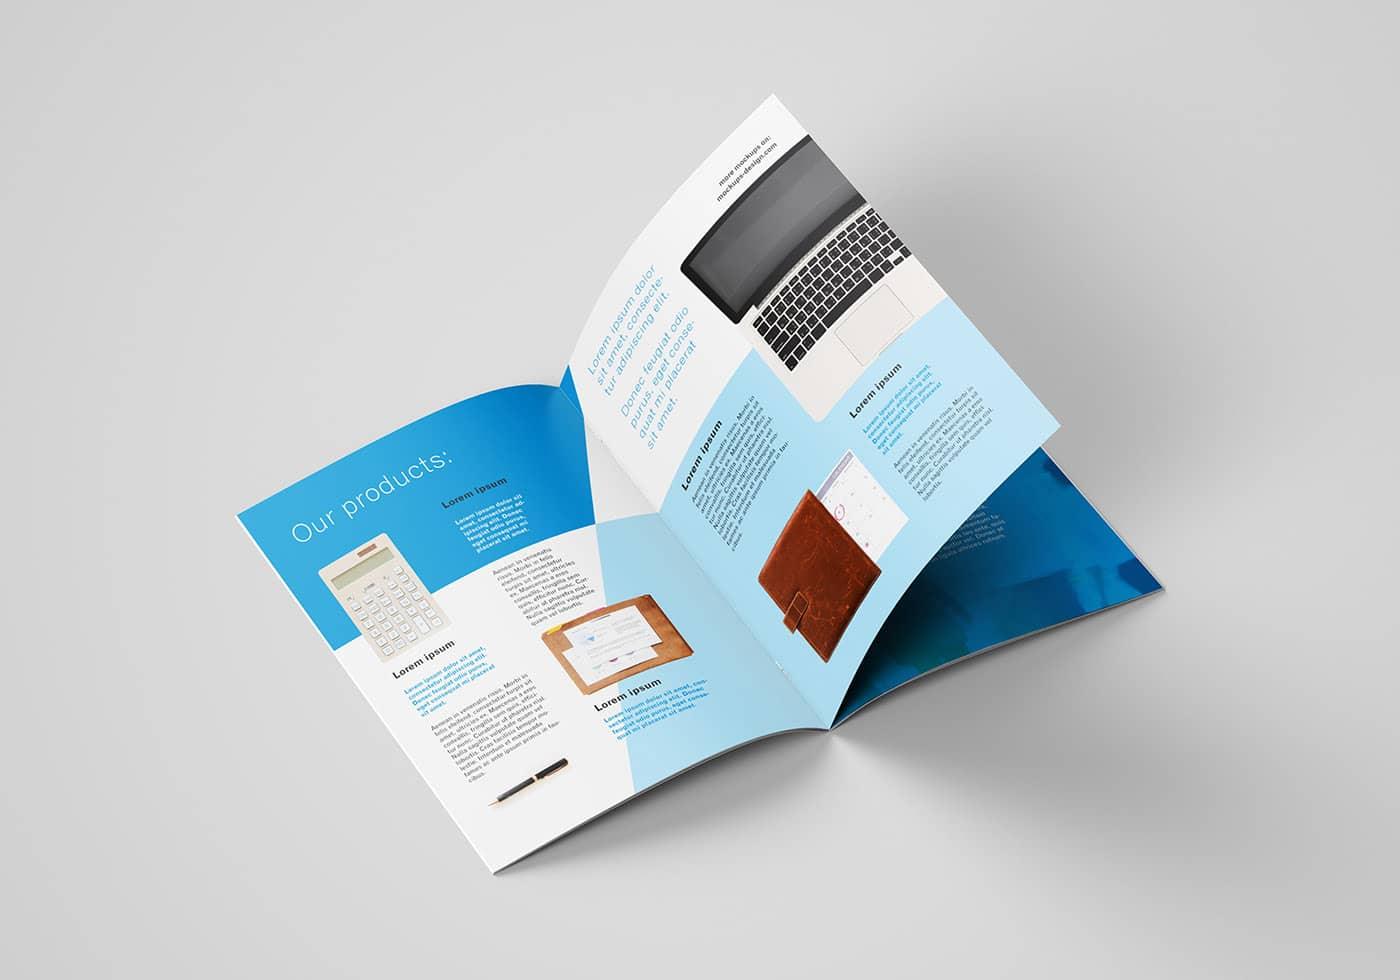 katalog baskı